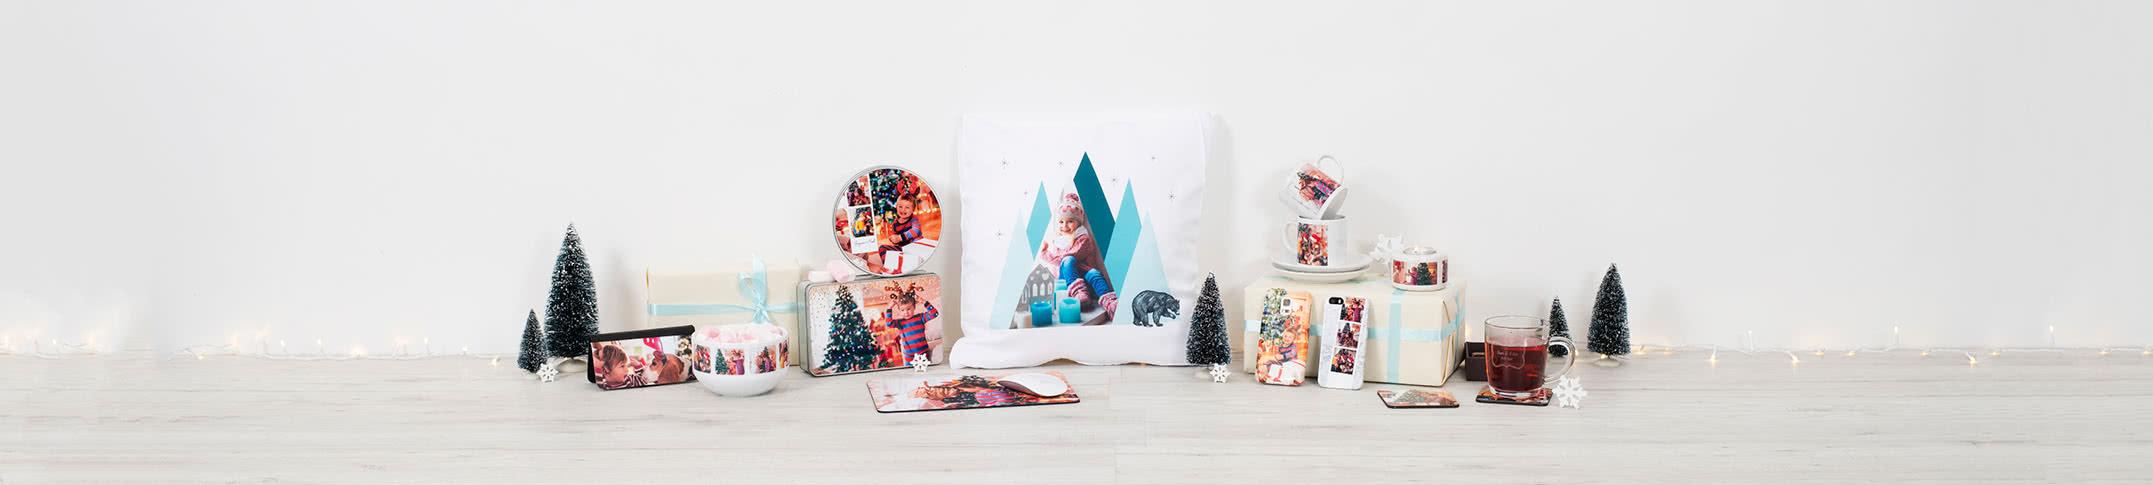 De leukste kerstcadeaus met foto